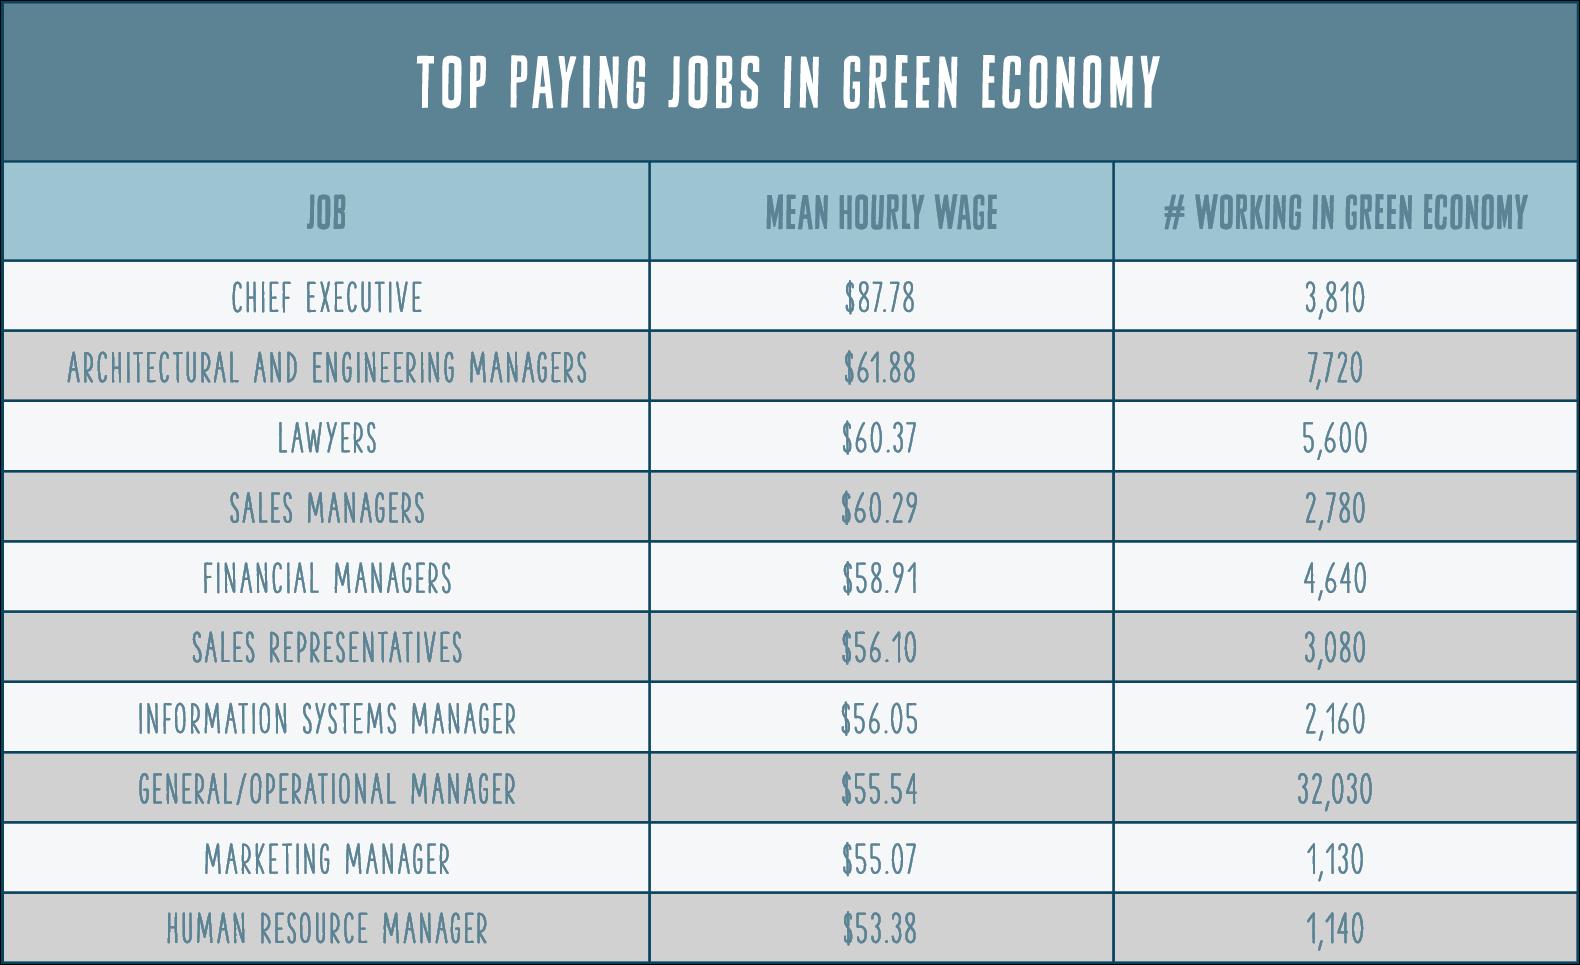 Green Economy Jobs